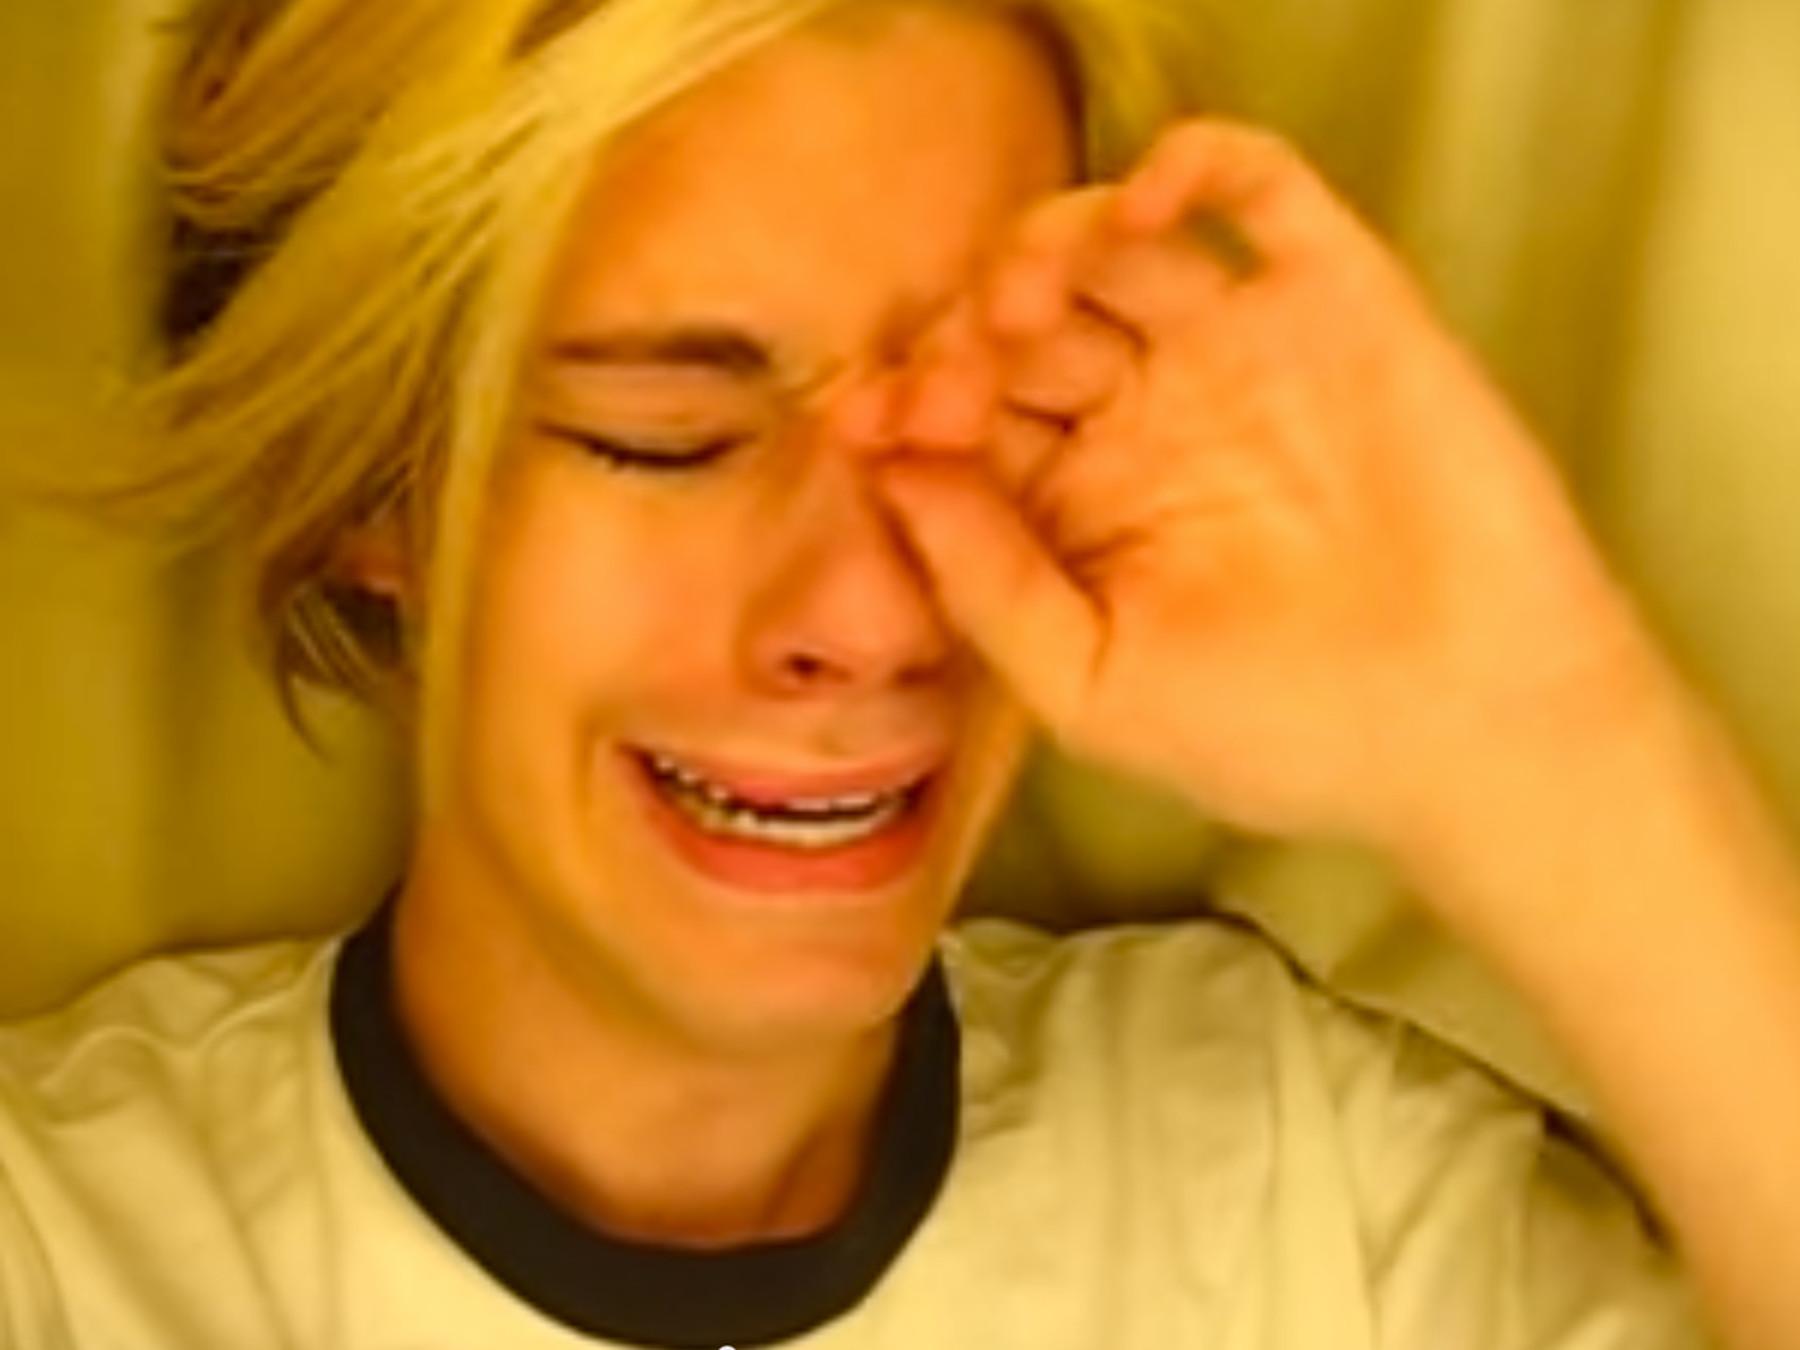 """Chris Crocker vende un NFT de su video viral """"Leave Britney Alone"""" por 41.000 dólares para financiar su transición"""